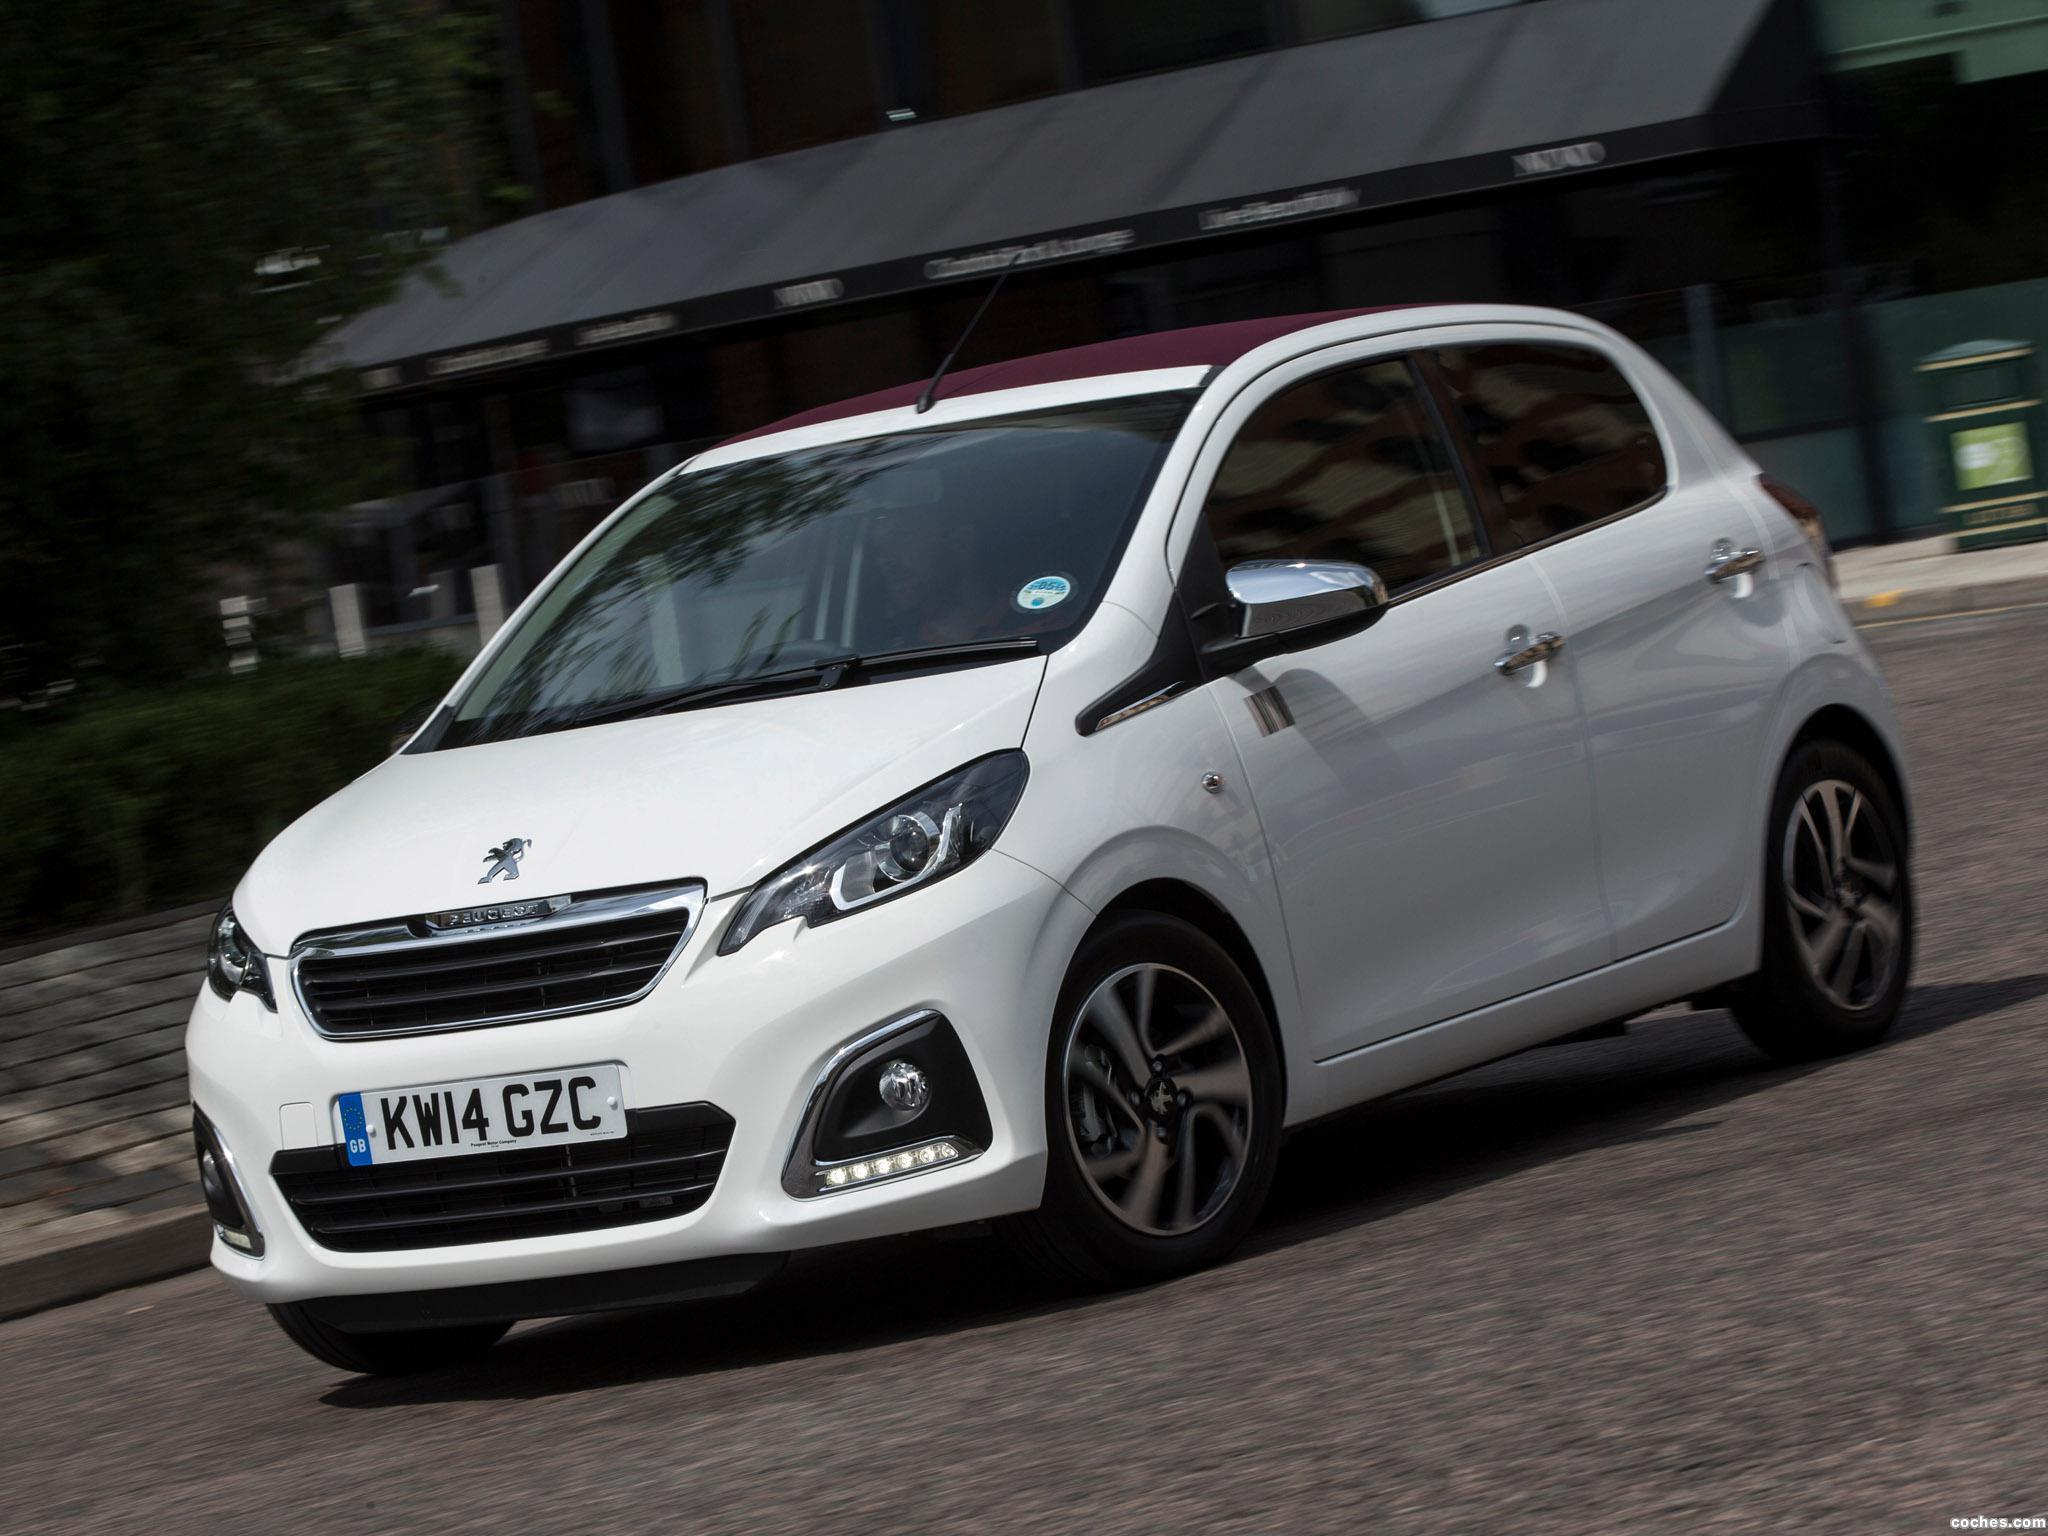 Foto 0 de Peugeot 108 Top! 5 puertas UK 2014